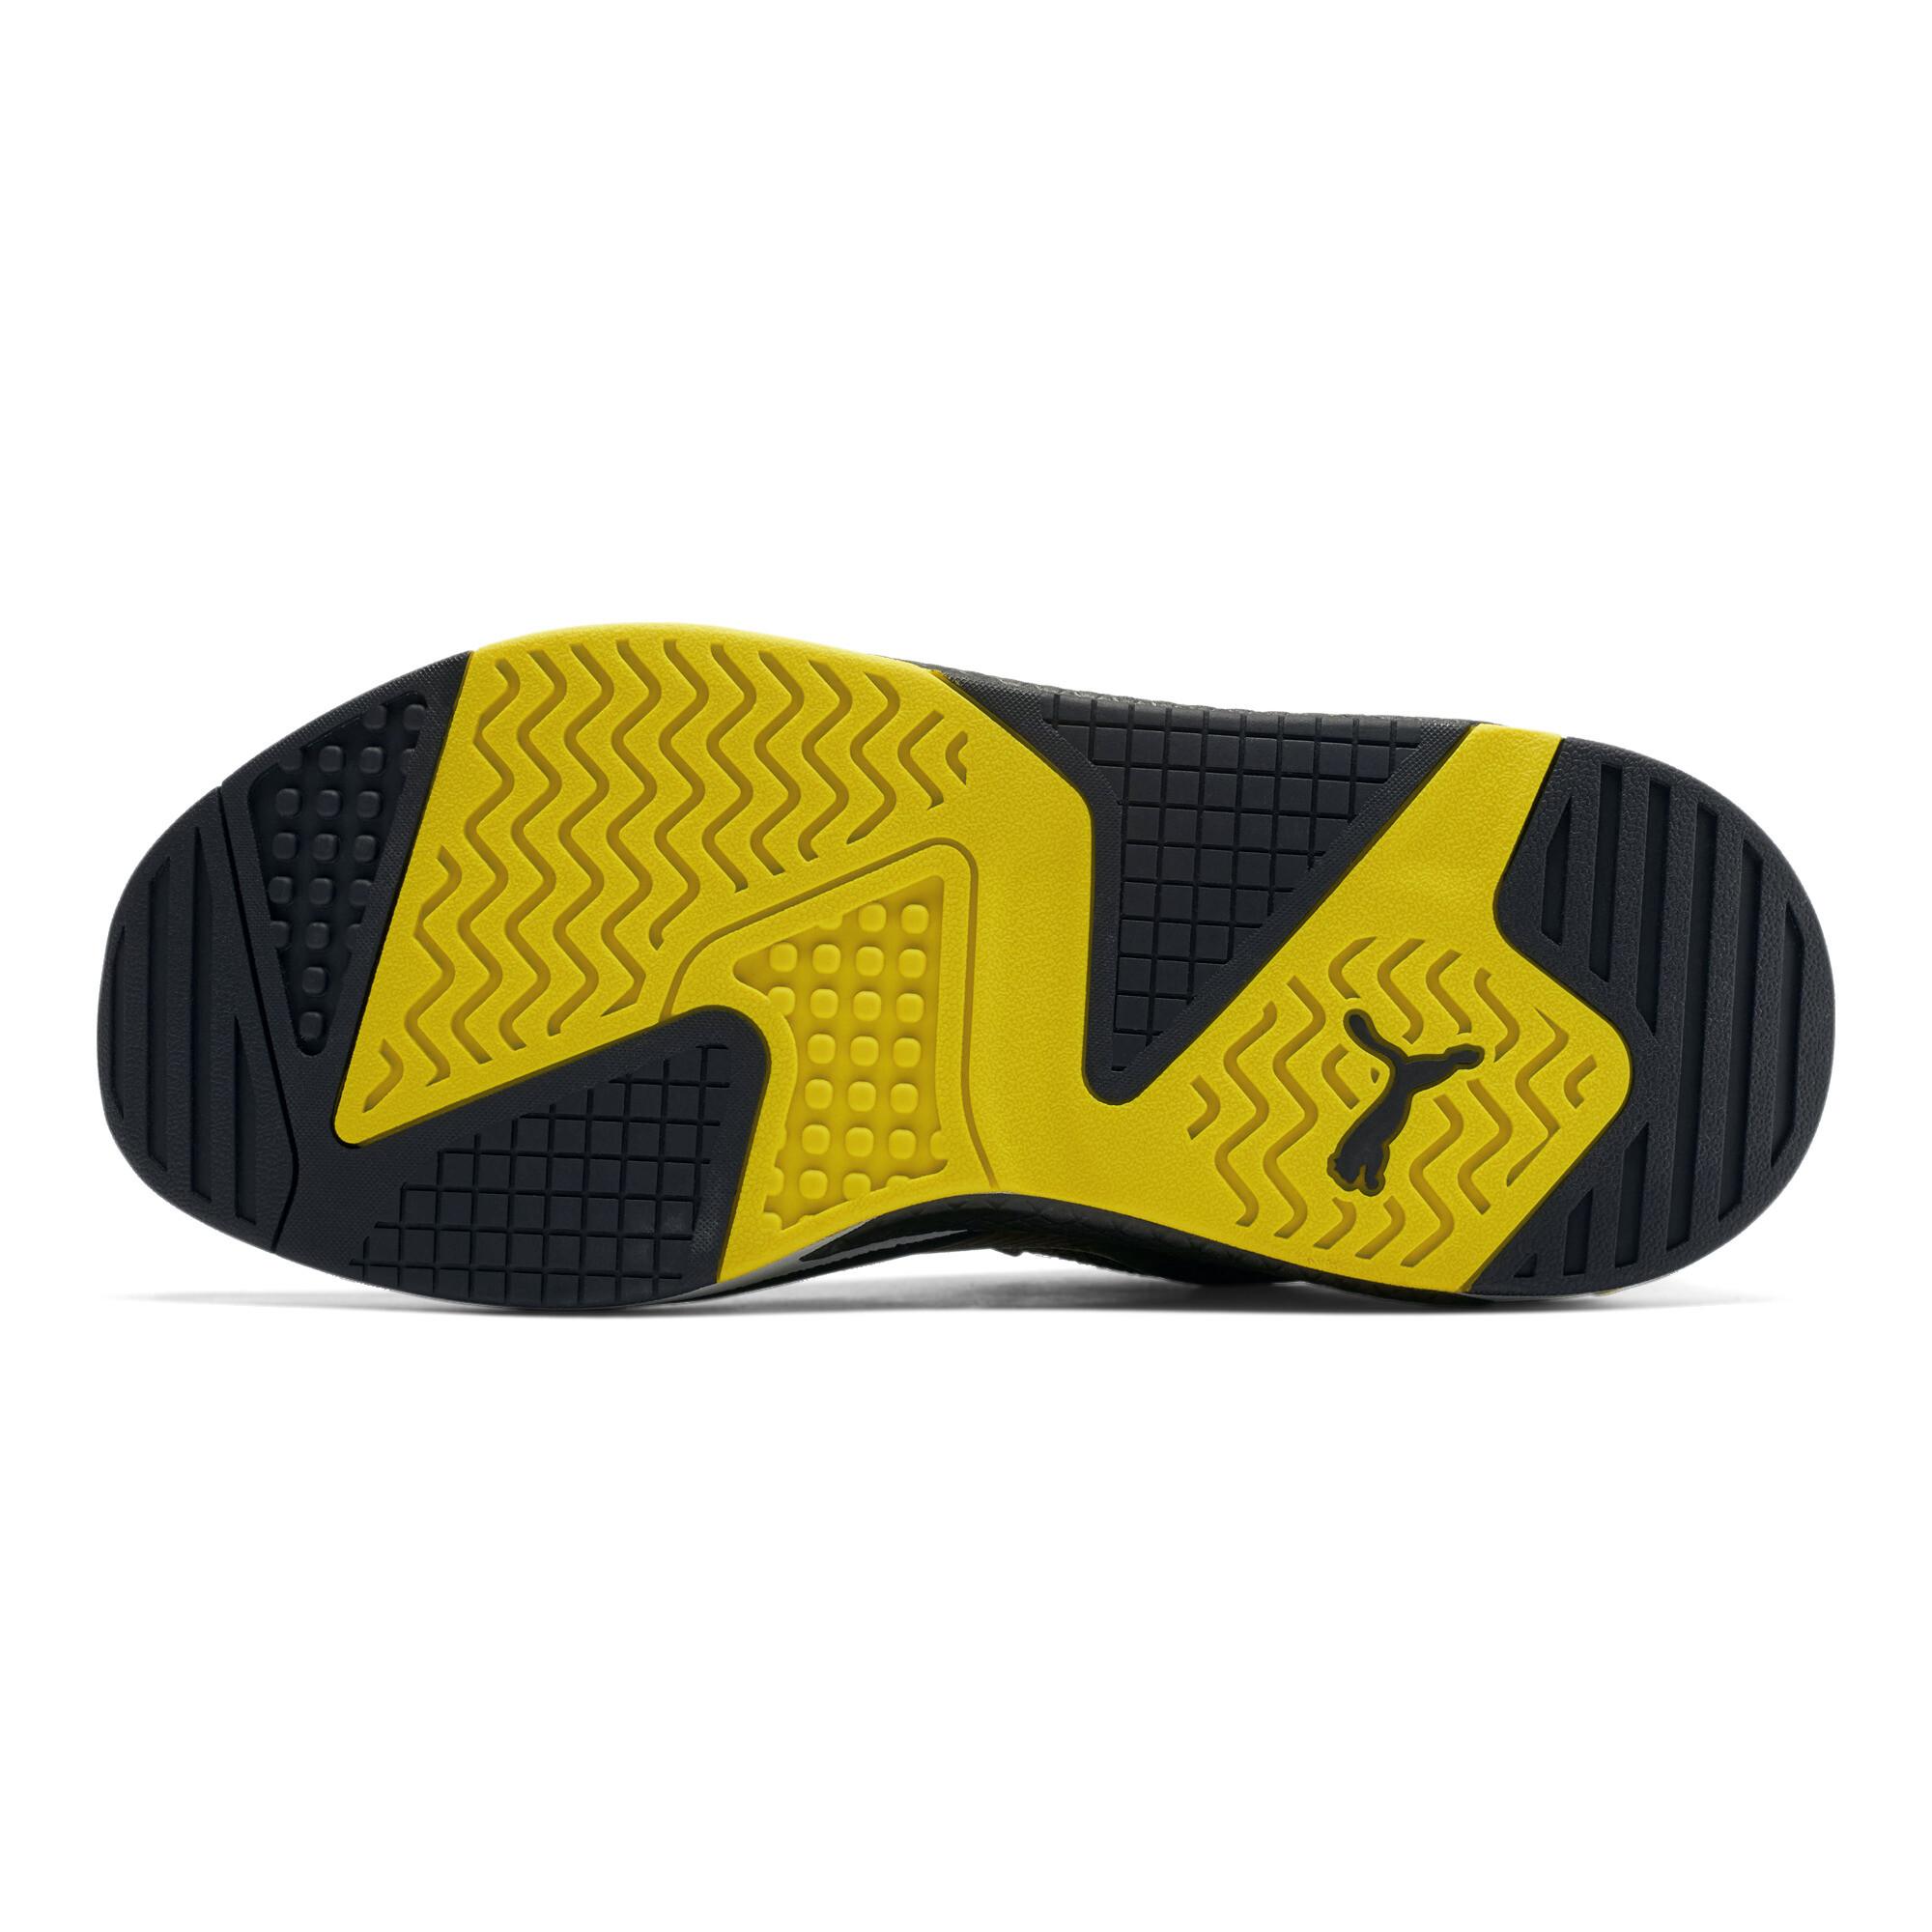 PUMA-X-RAY-Mesh-Men-039-s-Sneakers-Men-Shoe-Basics thumbnail 11